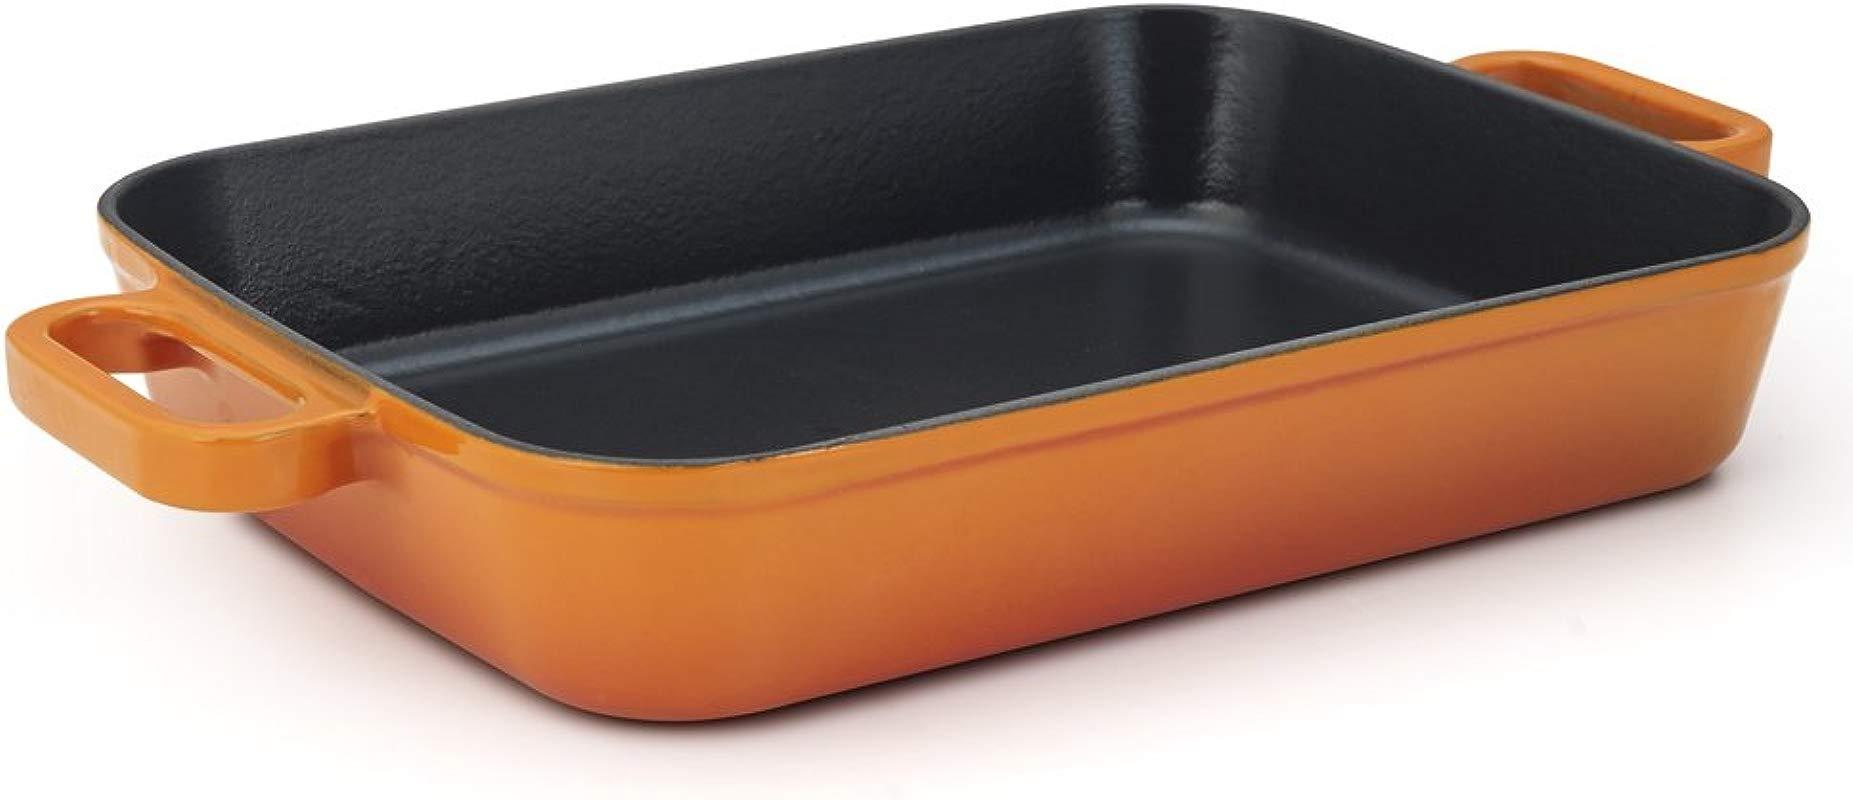 Essenso Chambery Enameled Cast Iron Baking Dish Roaster Lasagna Dish Orange 11 8